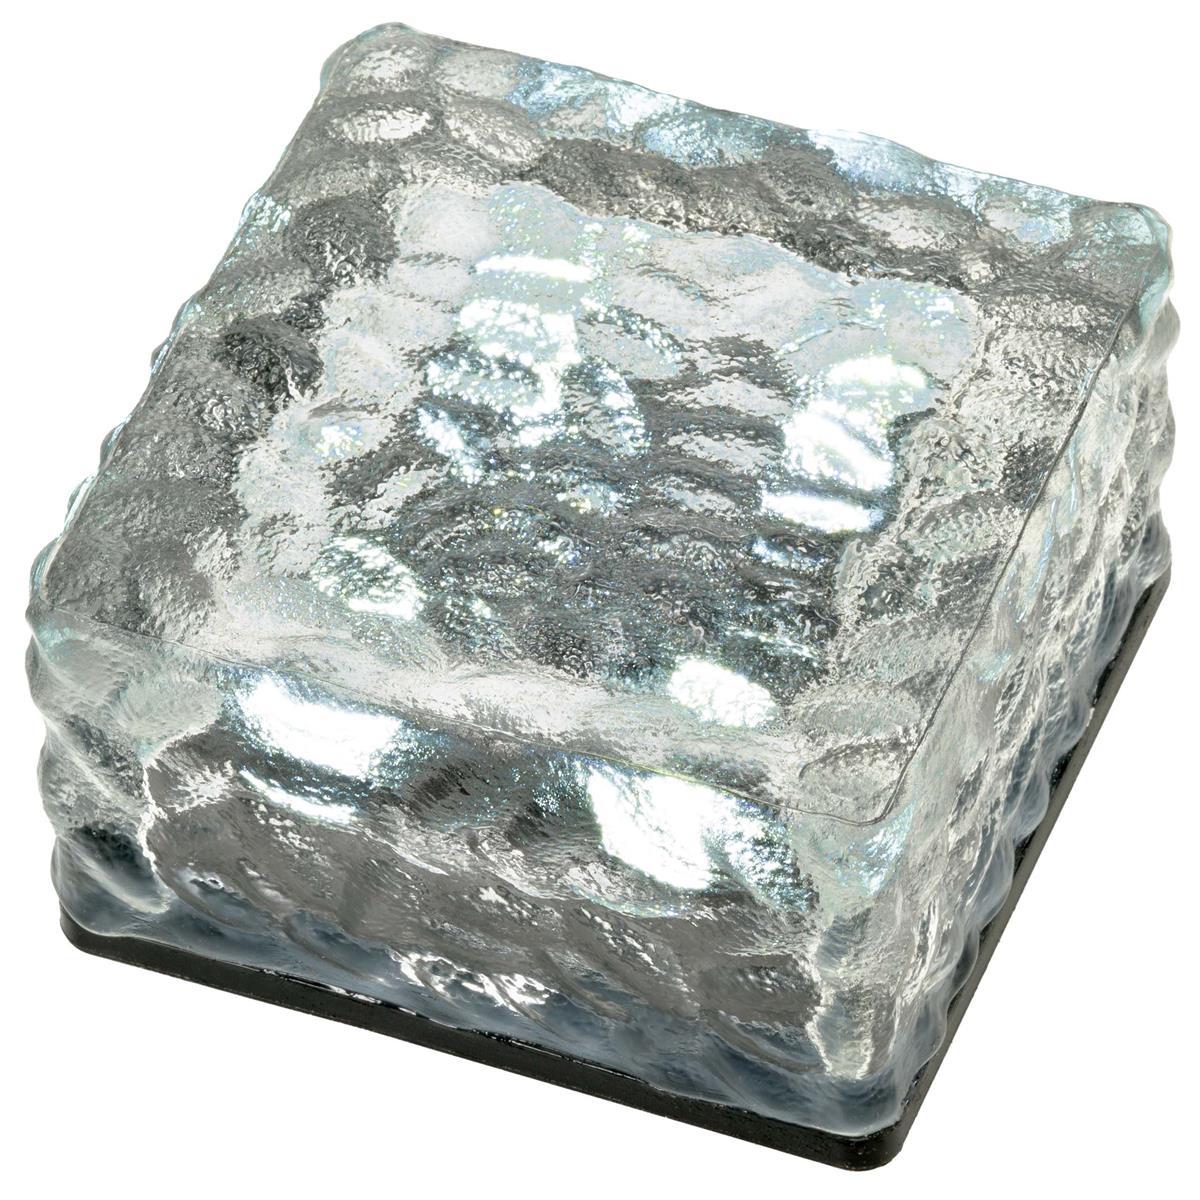 Solar Glasstein 4 LED weiß 10 x 10 x 5 cm Dekoleuchte Milchglas Bodenleuchte